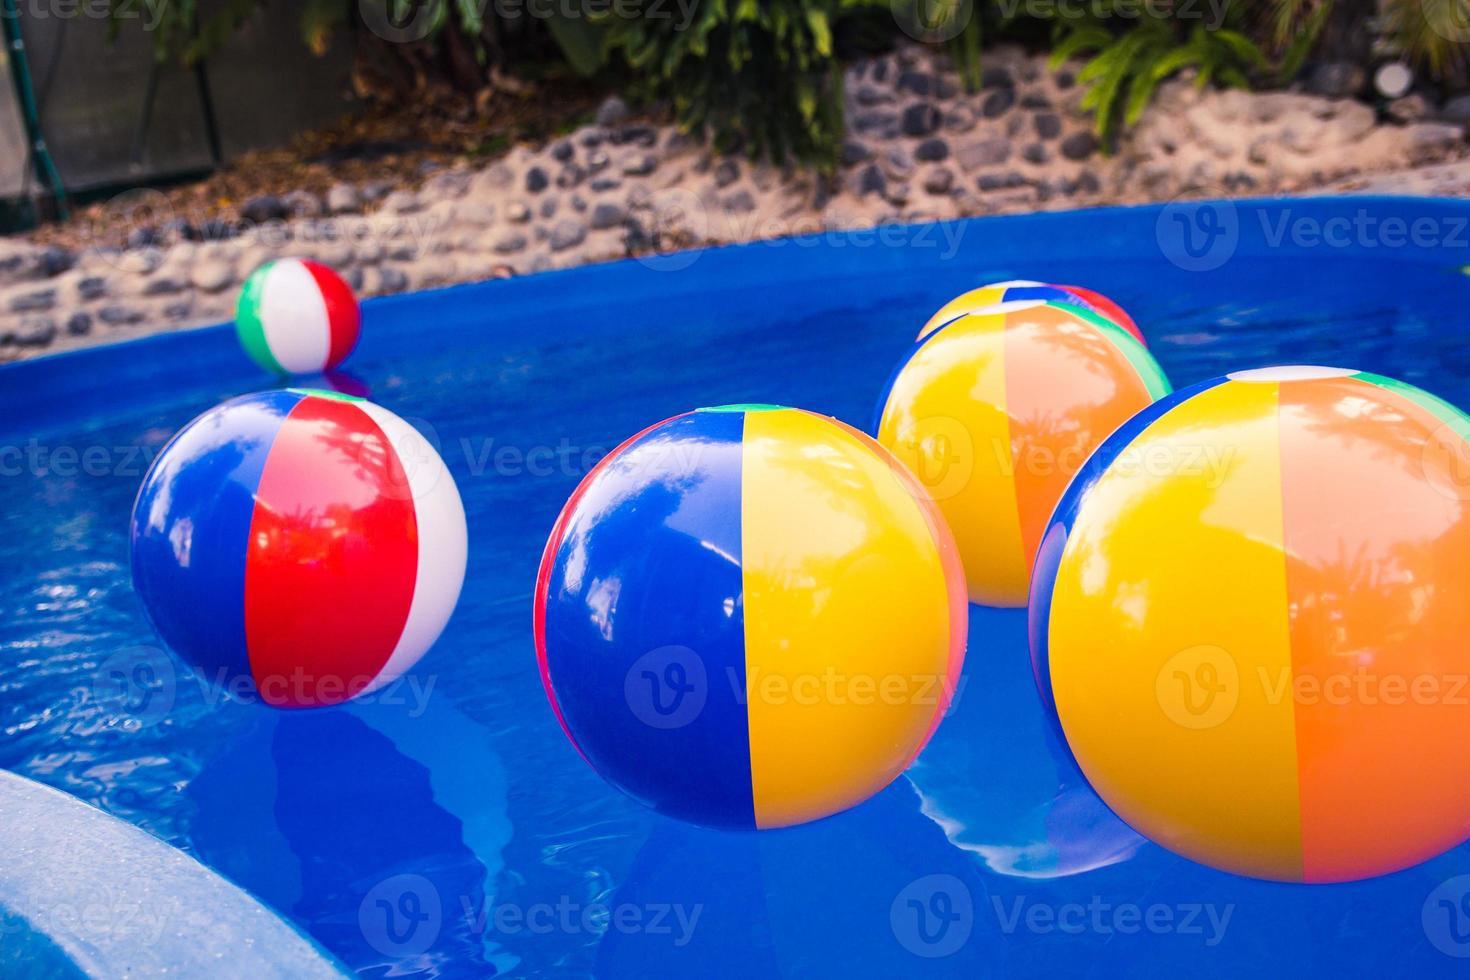 palloni da spiaggia colorati che galleggiano in piscina foto